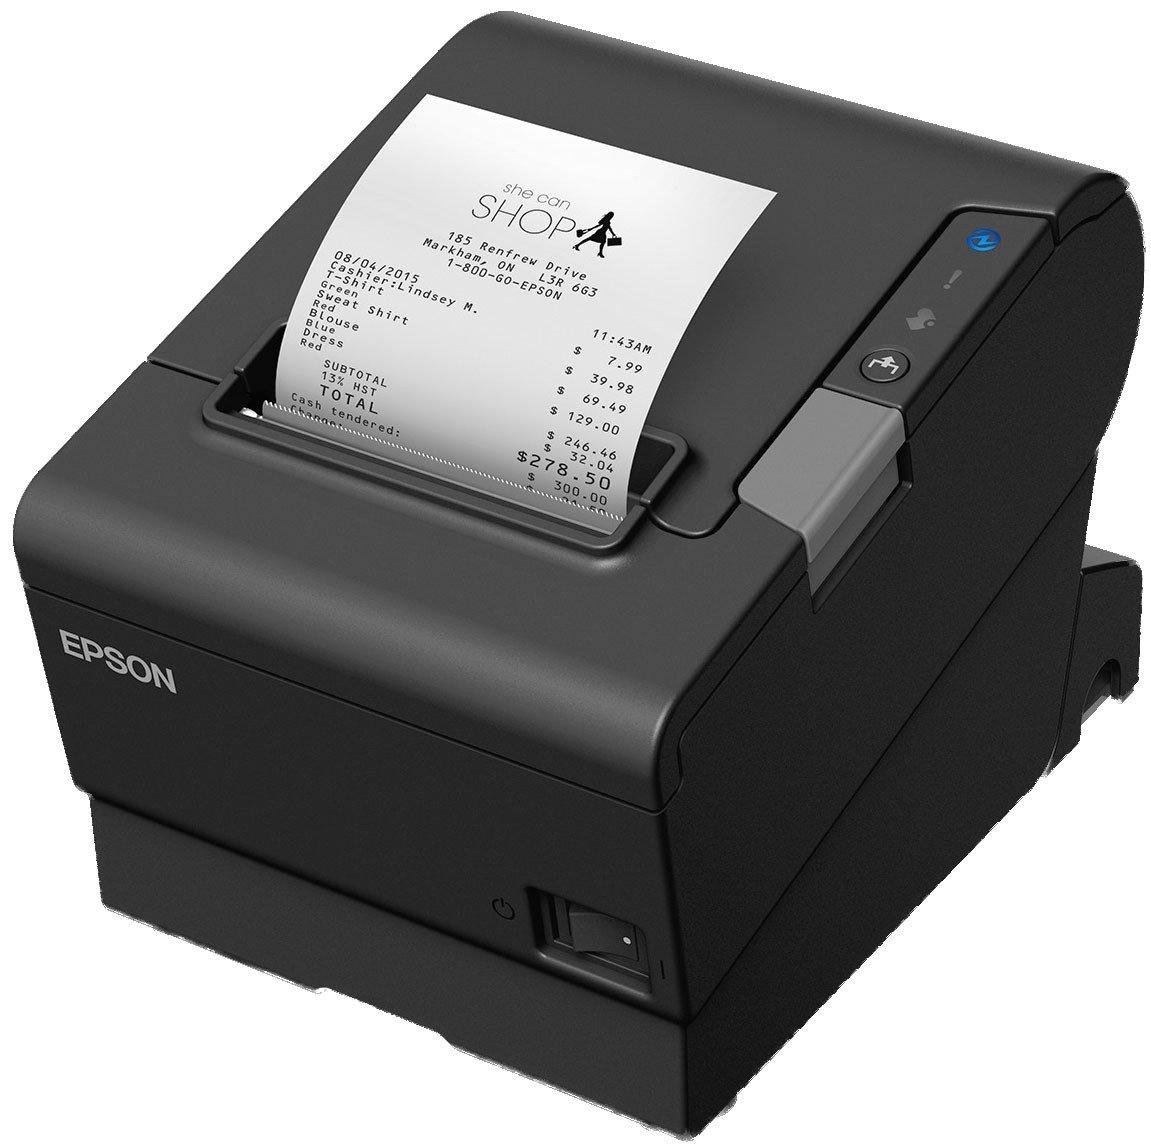 Epson TM-T88VI Serial Printer; black (TM886SNG)